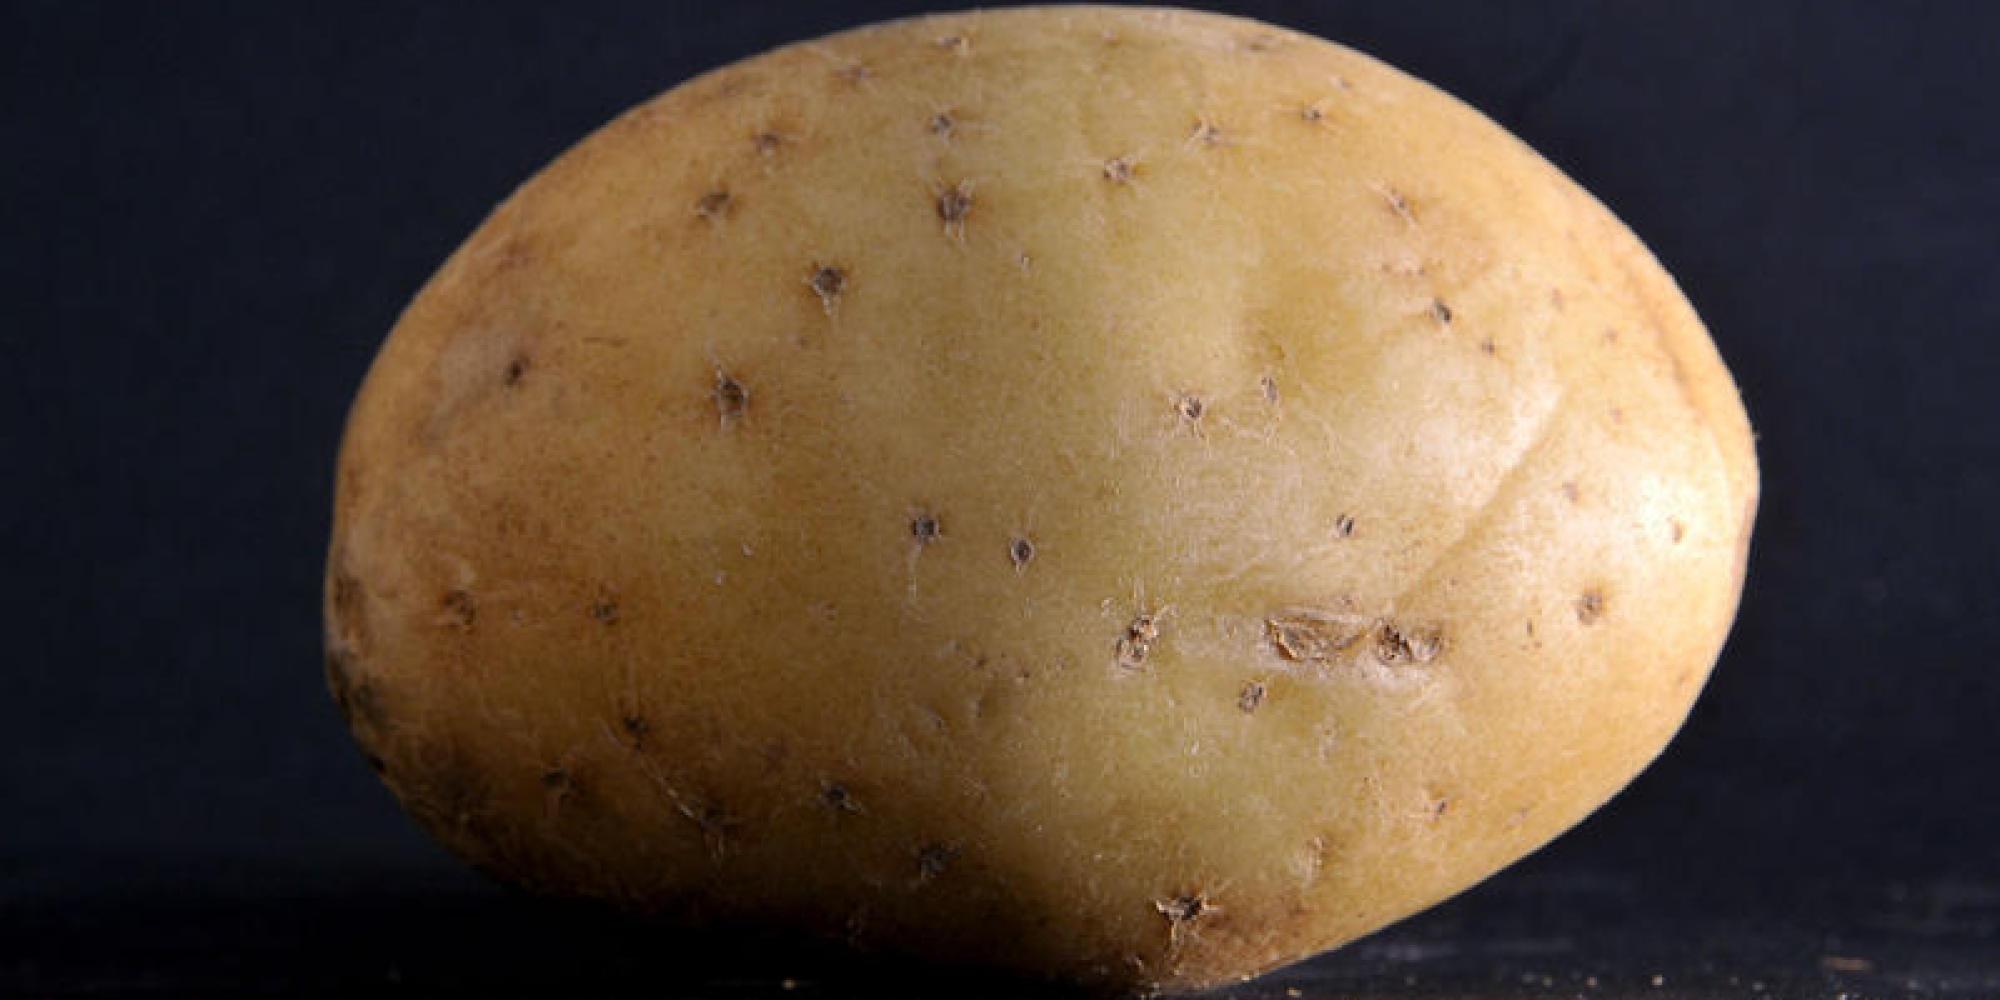 Qualcuno ha pagato più di un milione di dollari per la foto di una patata